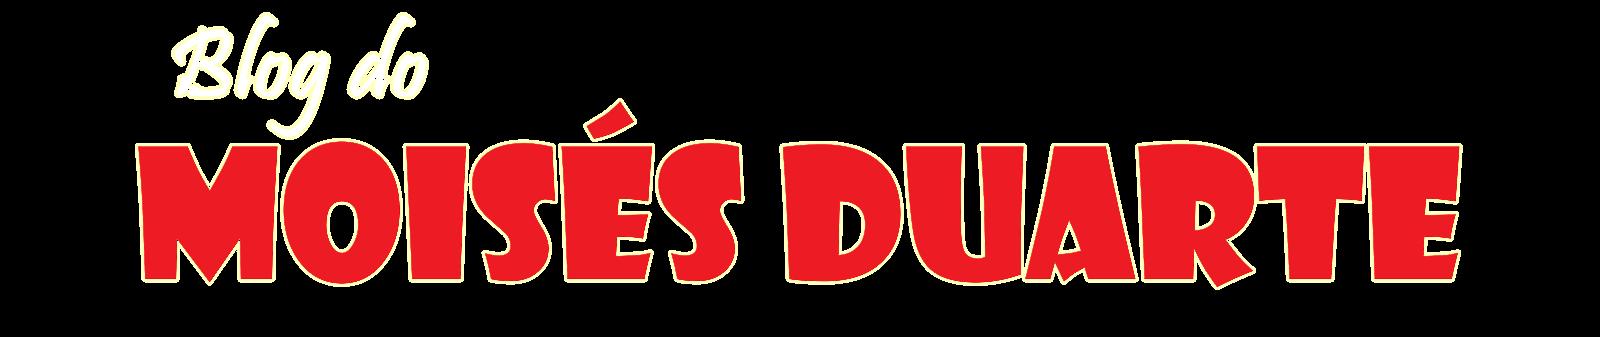 Blog do Moisés Duarte